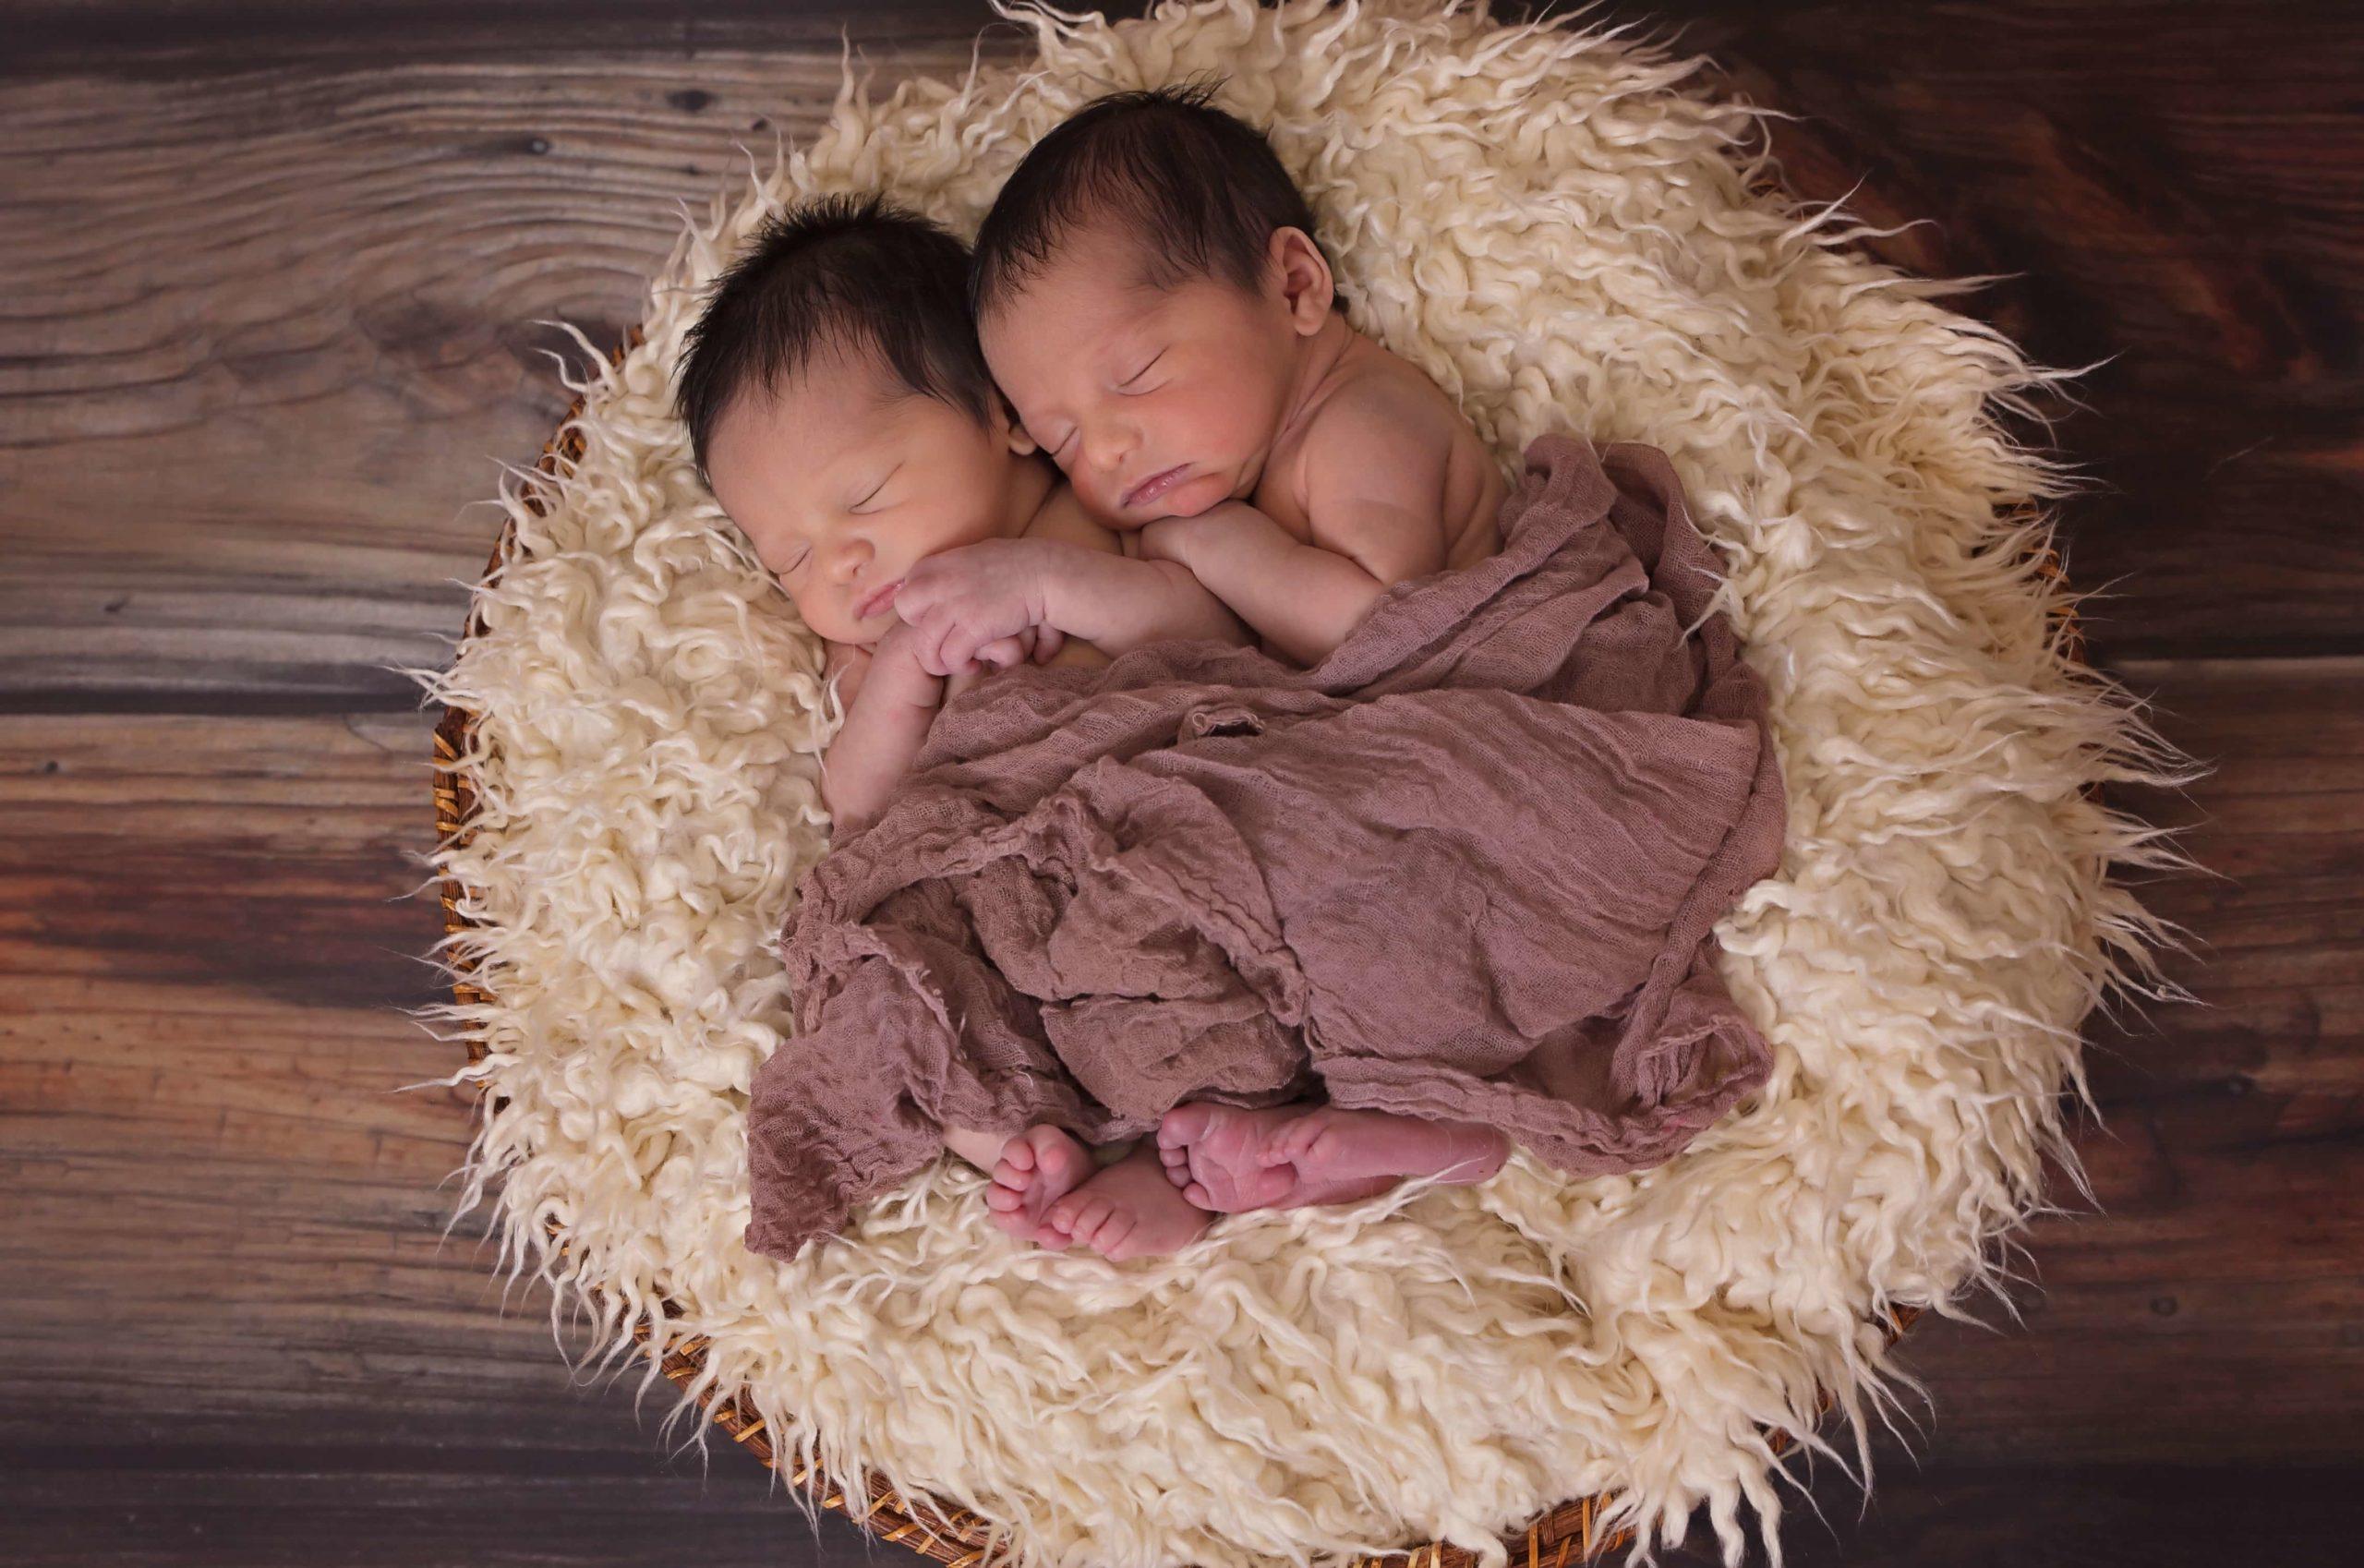 かごに敷かれた毛布のうえで眠る双子の赤ちゃん